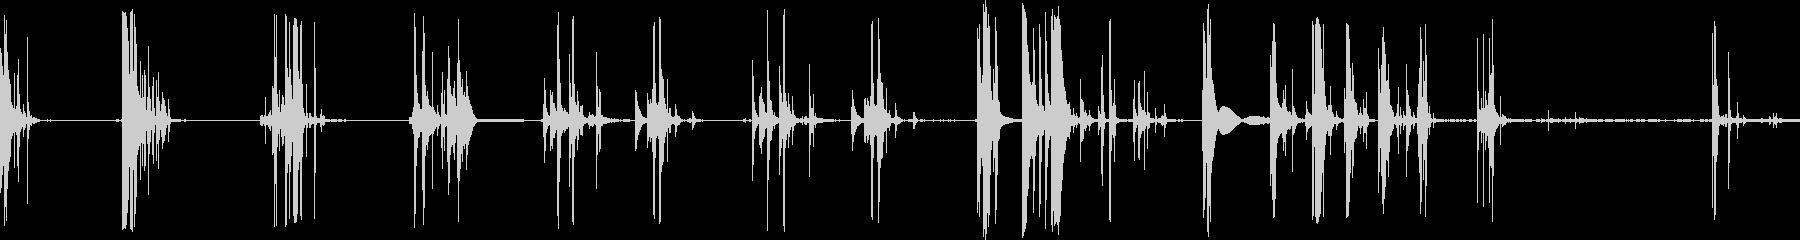 アイスドロップカップの未再生の波形